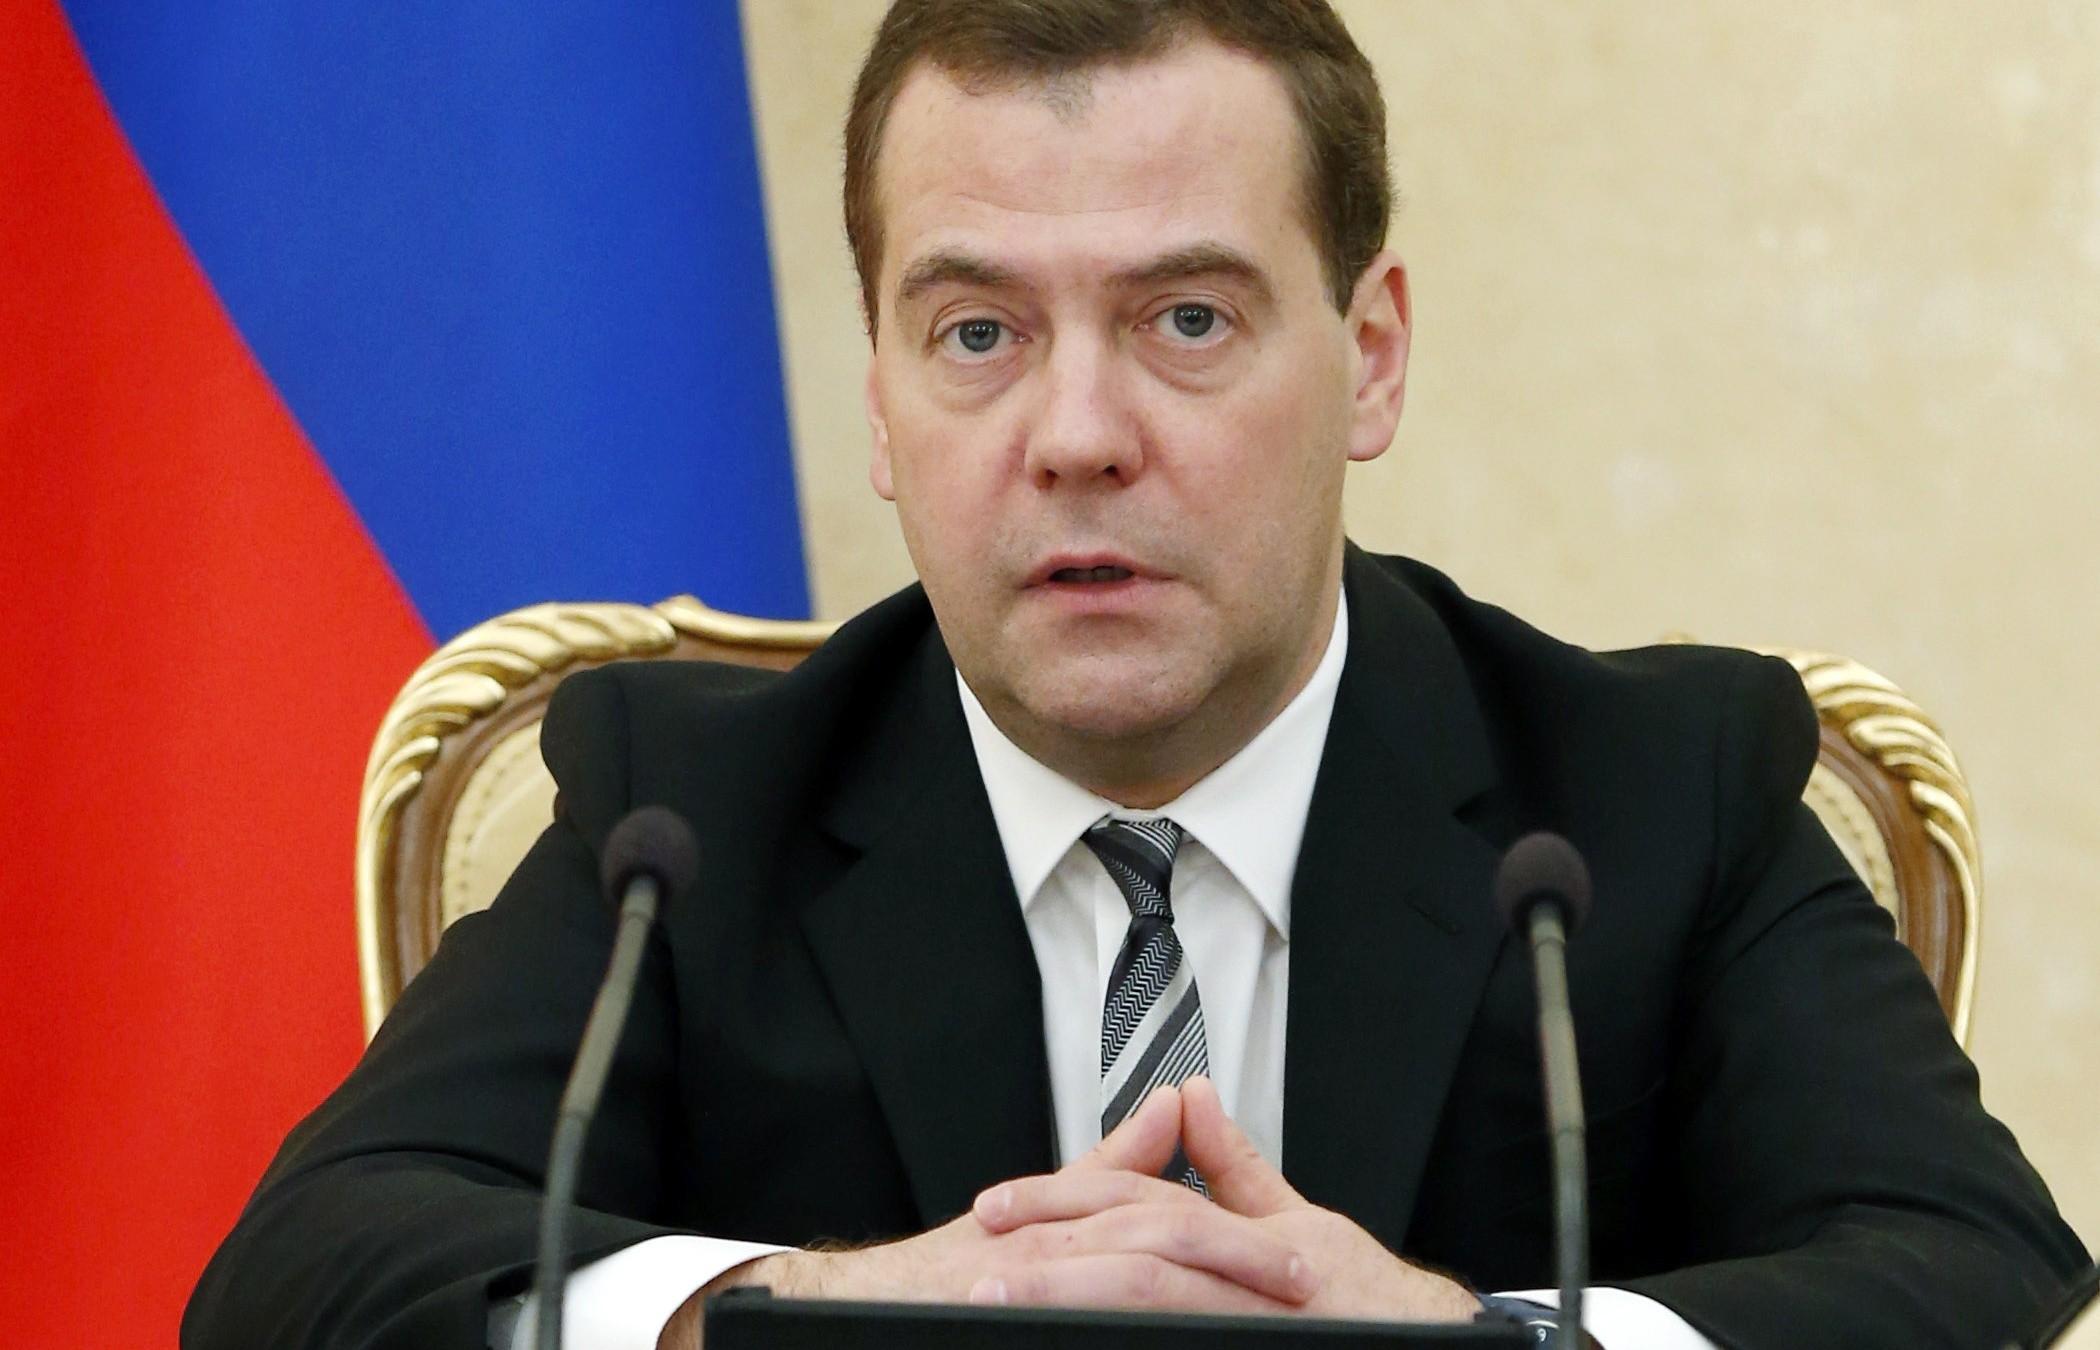 Медведев отсрочил увеличение тарифов наводу для жителей, неустановивших счетчики